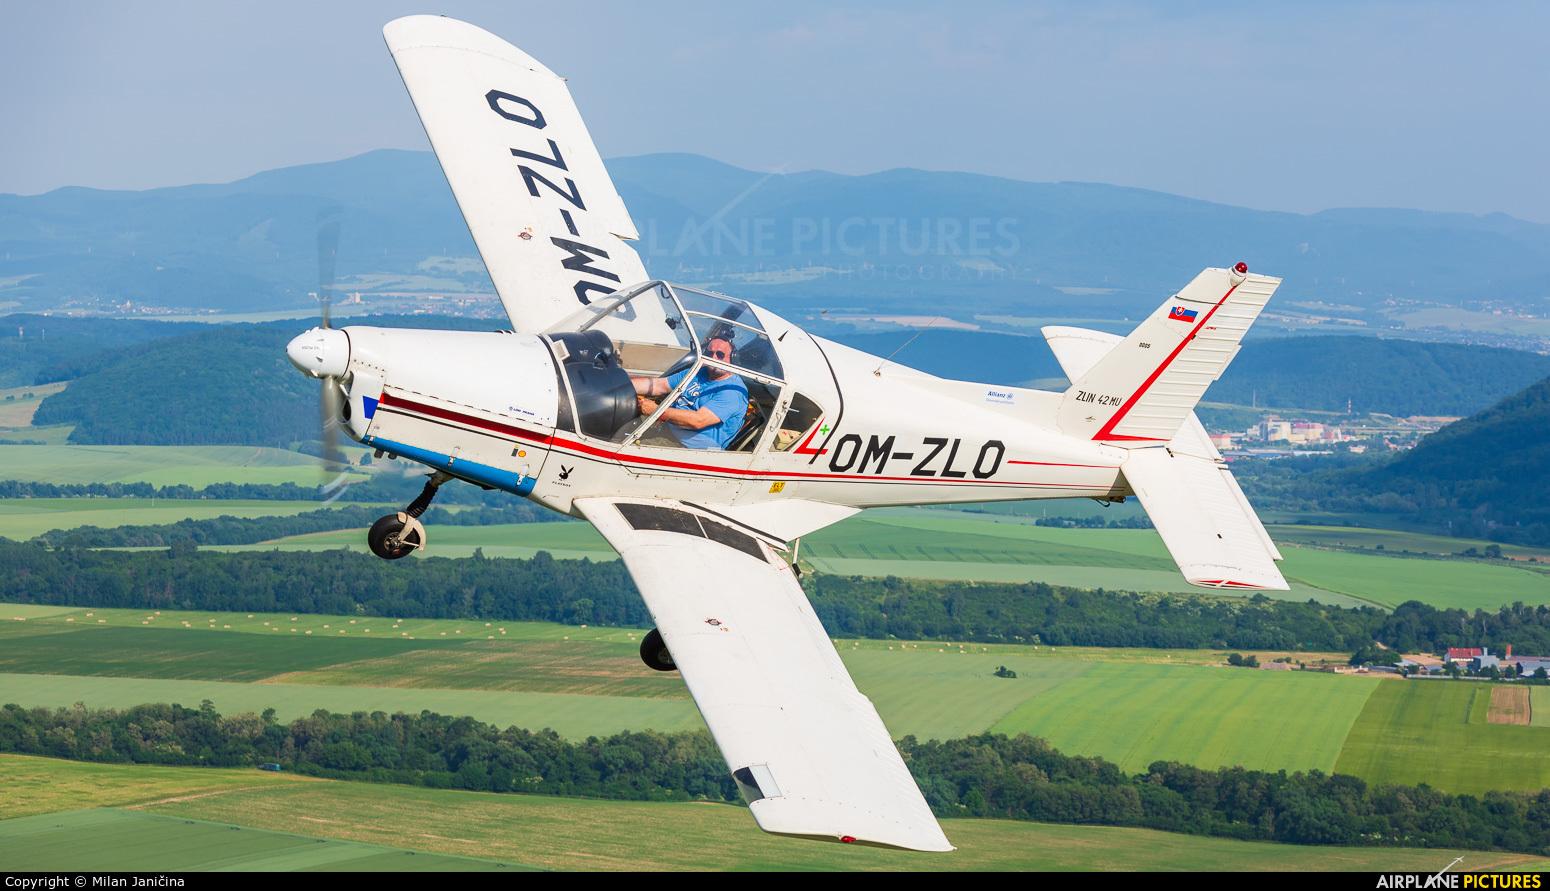 Aeroklub Sabinov OM-ZLO aircraft at In Flight - Slovakia